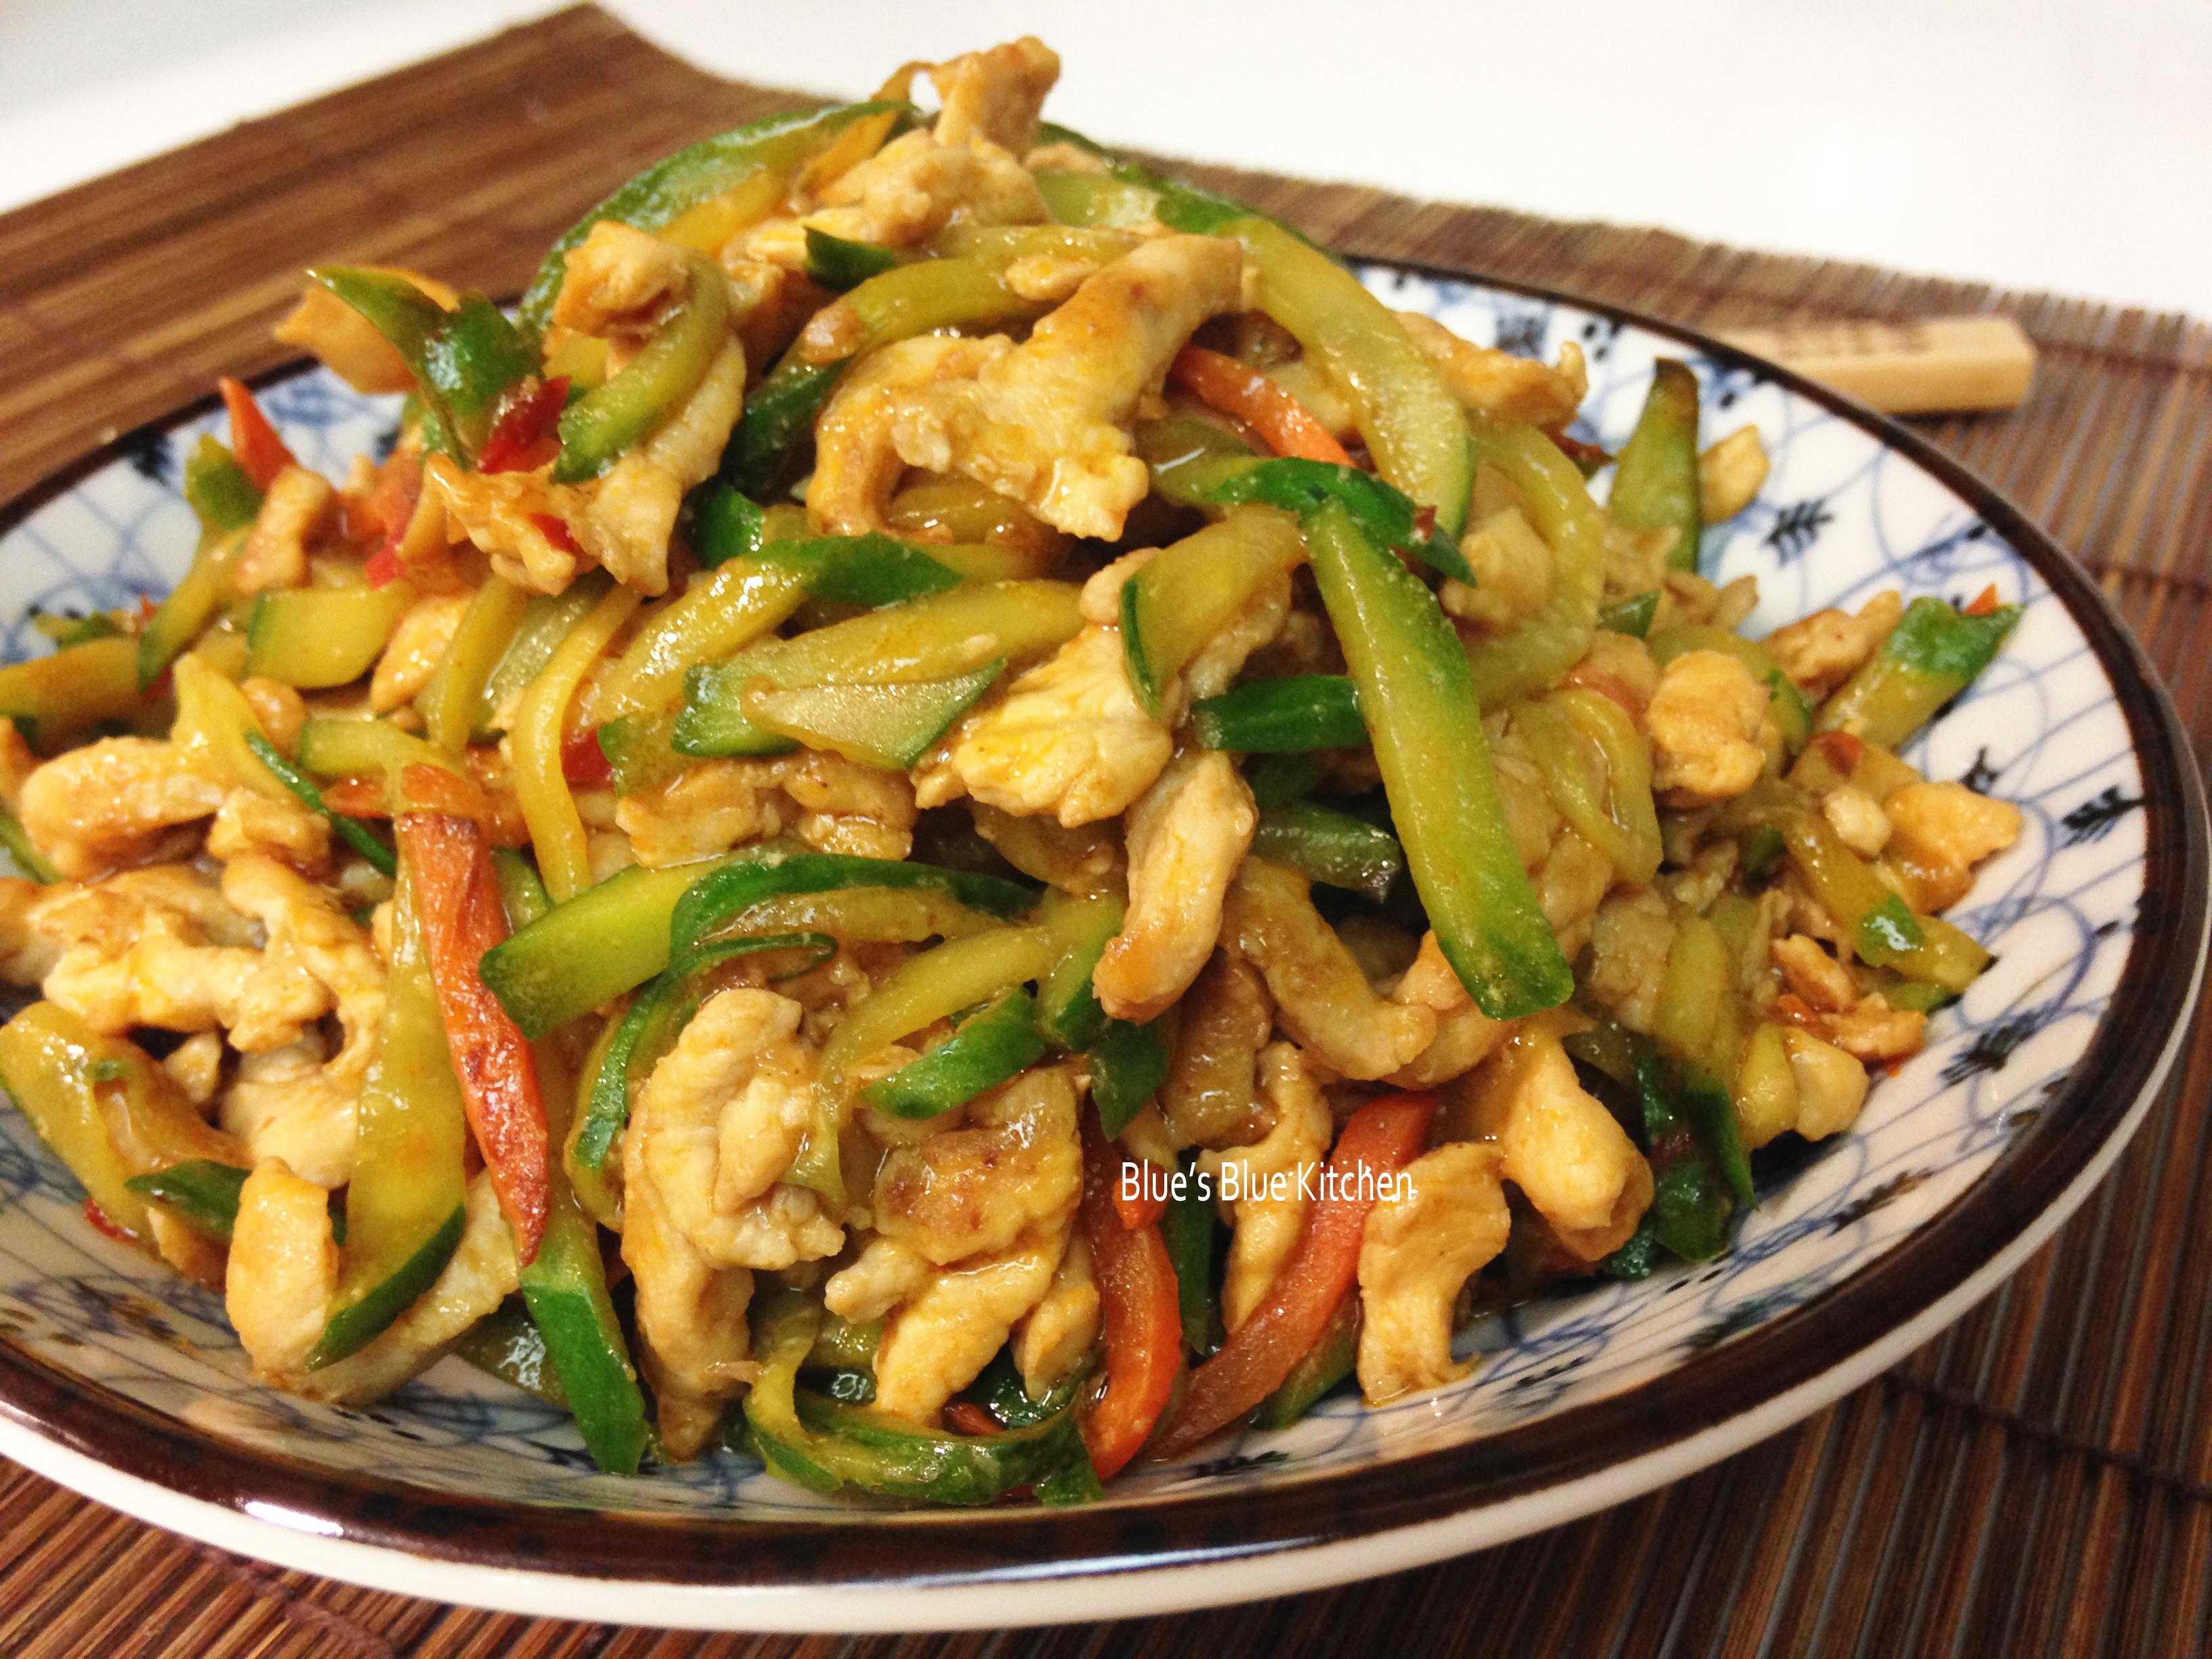 十分鐘快手菜-辣豆瓣黃瓜雞柳